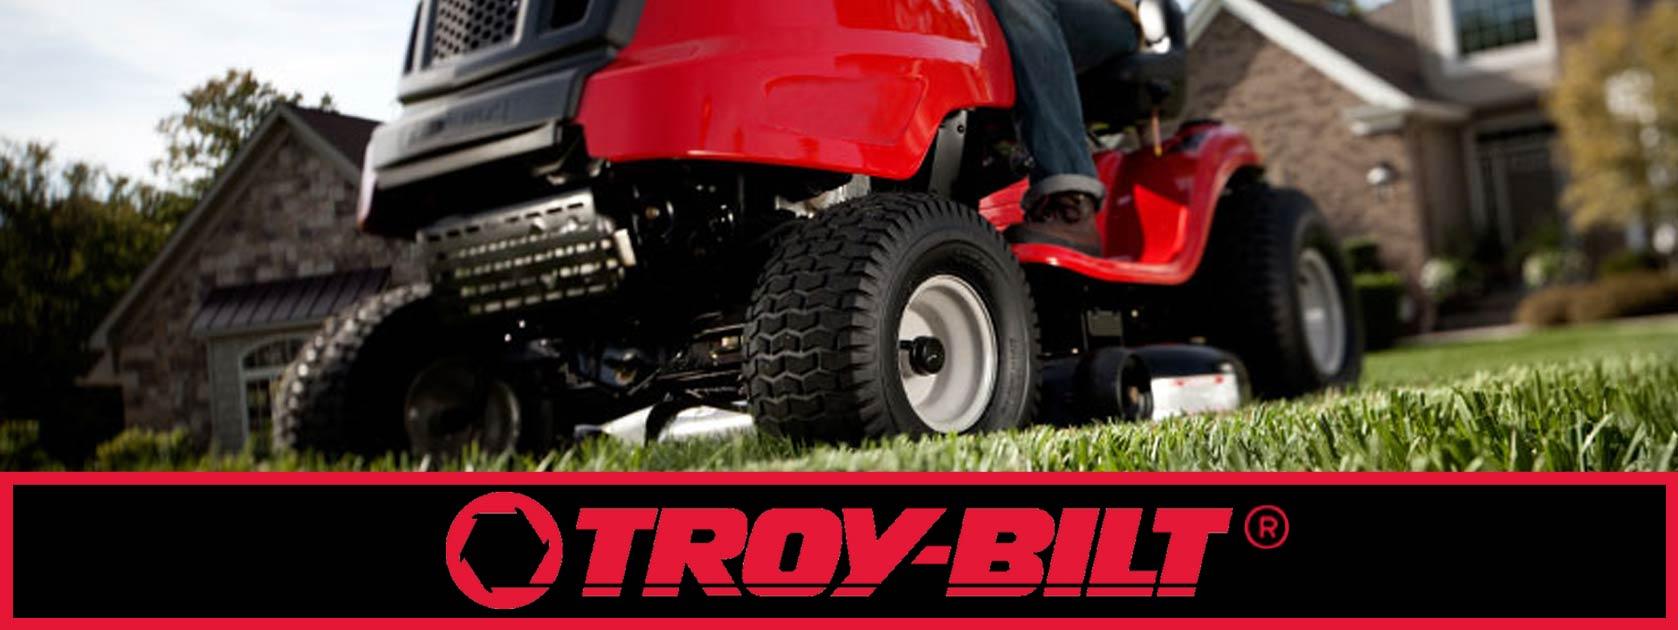 Troy Bilt At Blain S Farm Fleet